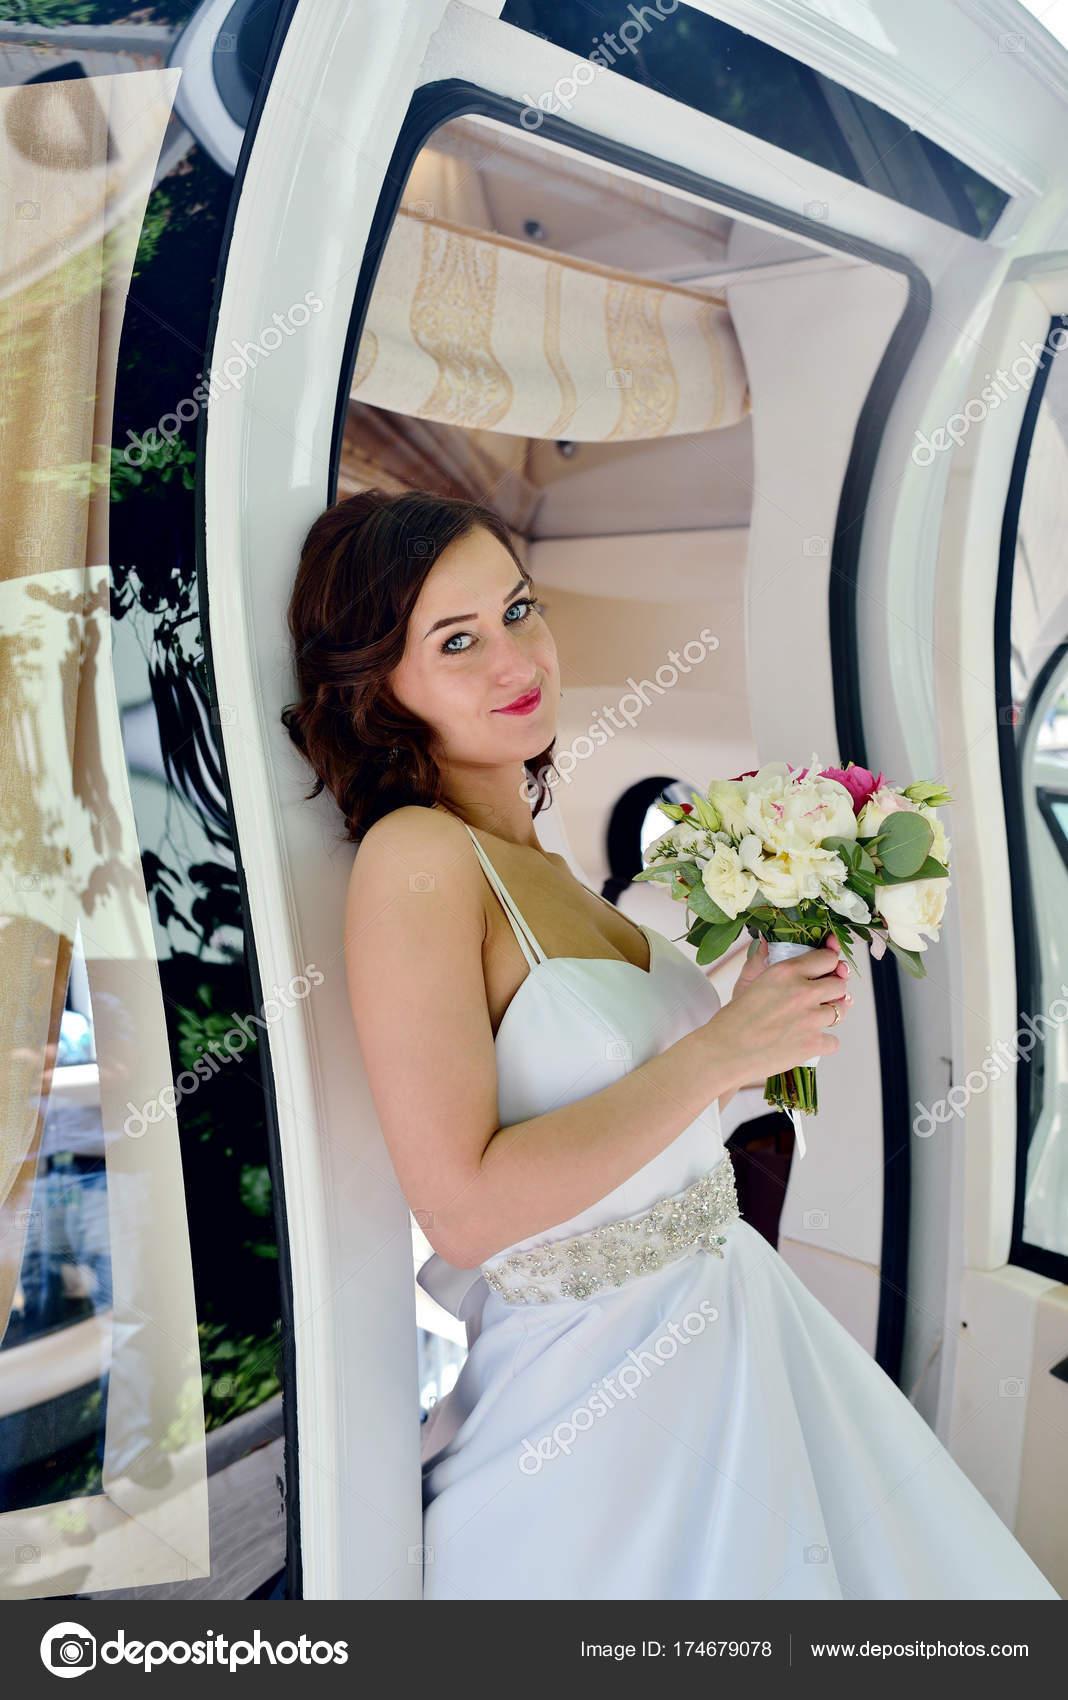 f2079b7670 Chica modelo hermosa en un vestido de novia blanco. Retrato femenino en el  auto. Mujer con peinado. Señora Linda al aire libre ...